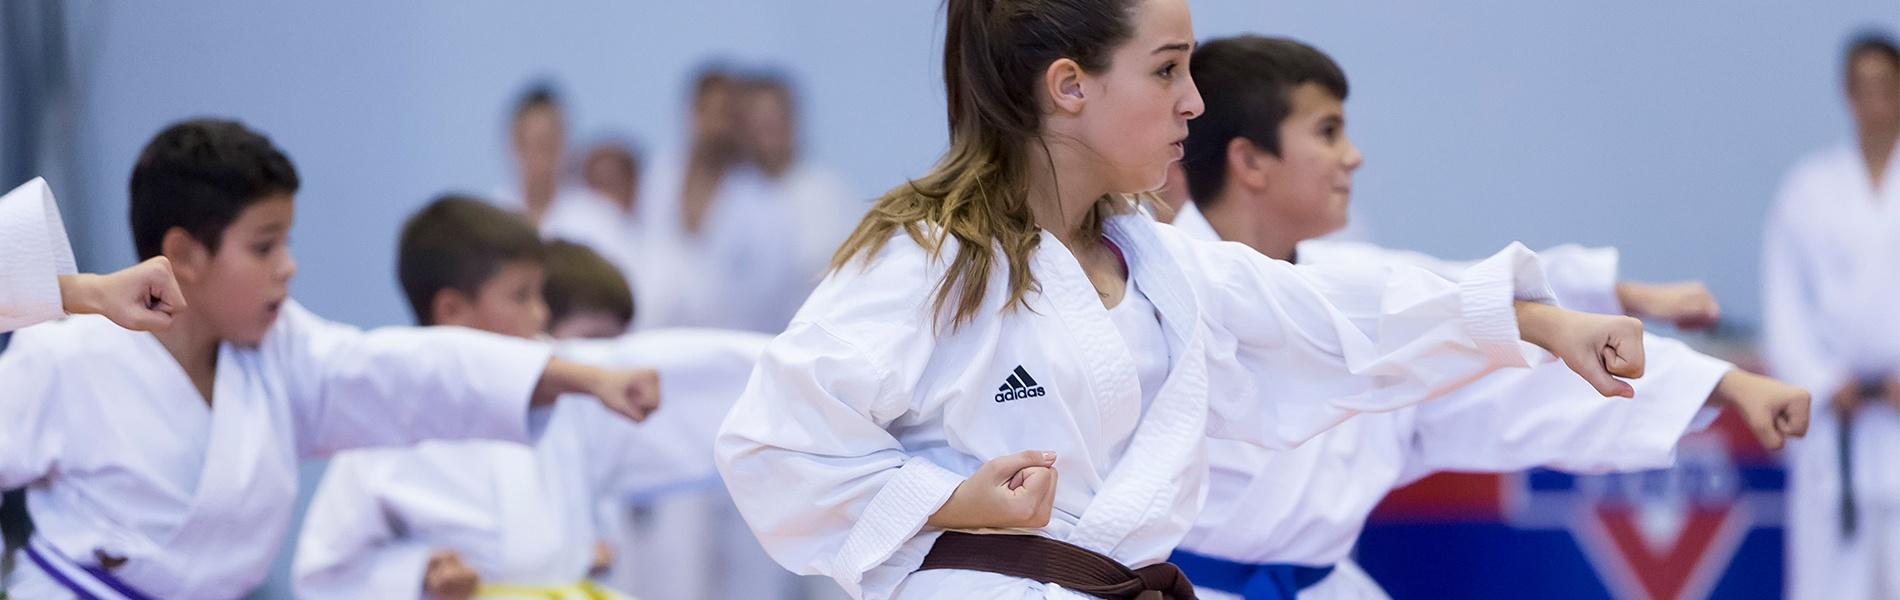 Why Martial Arts School Seasonal Campaigns Are So Effective.jpg